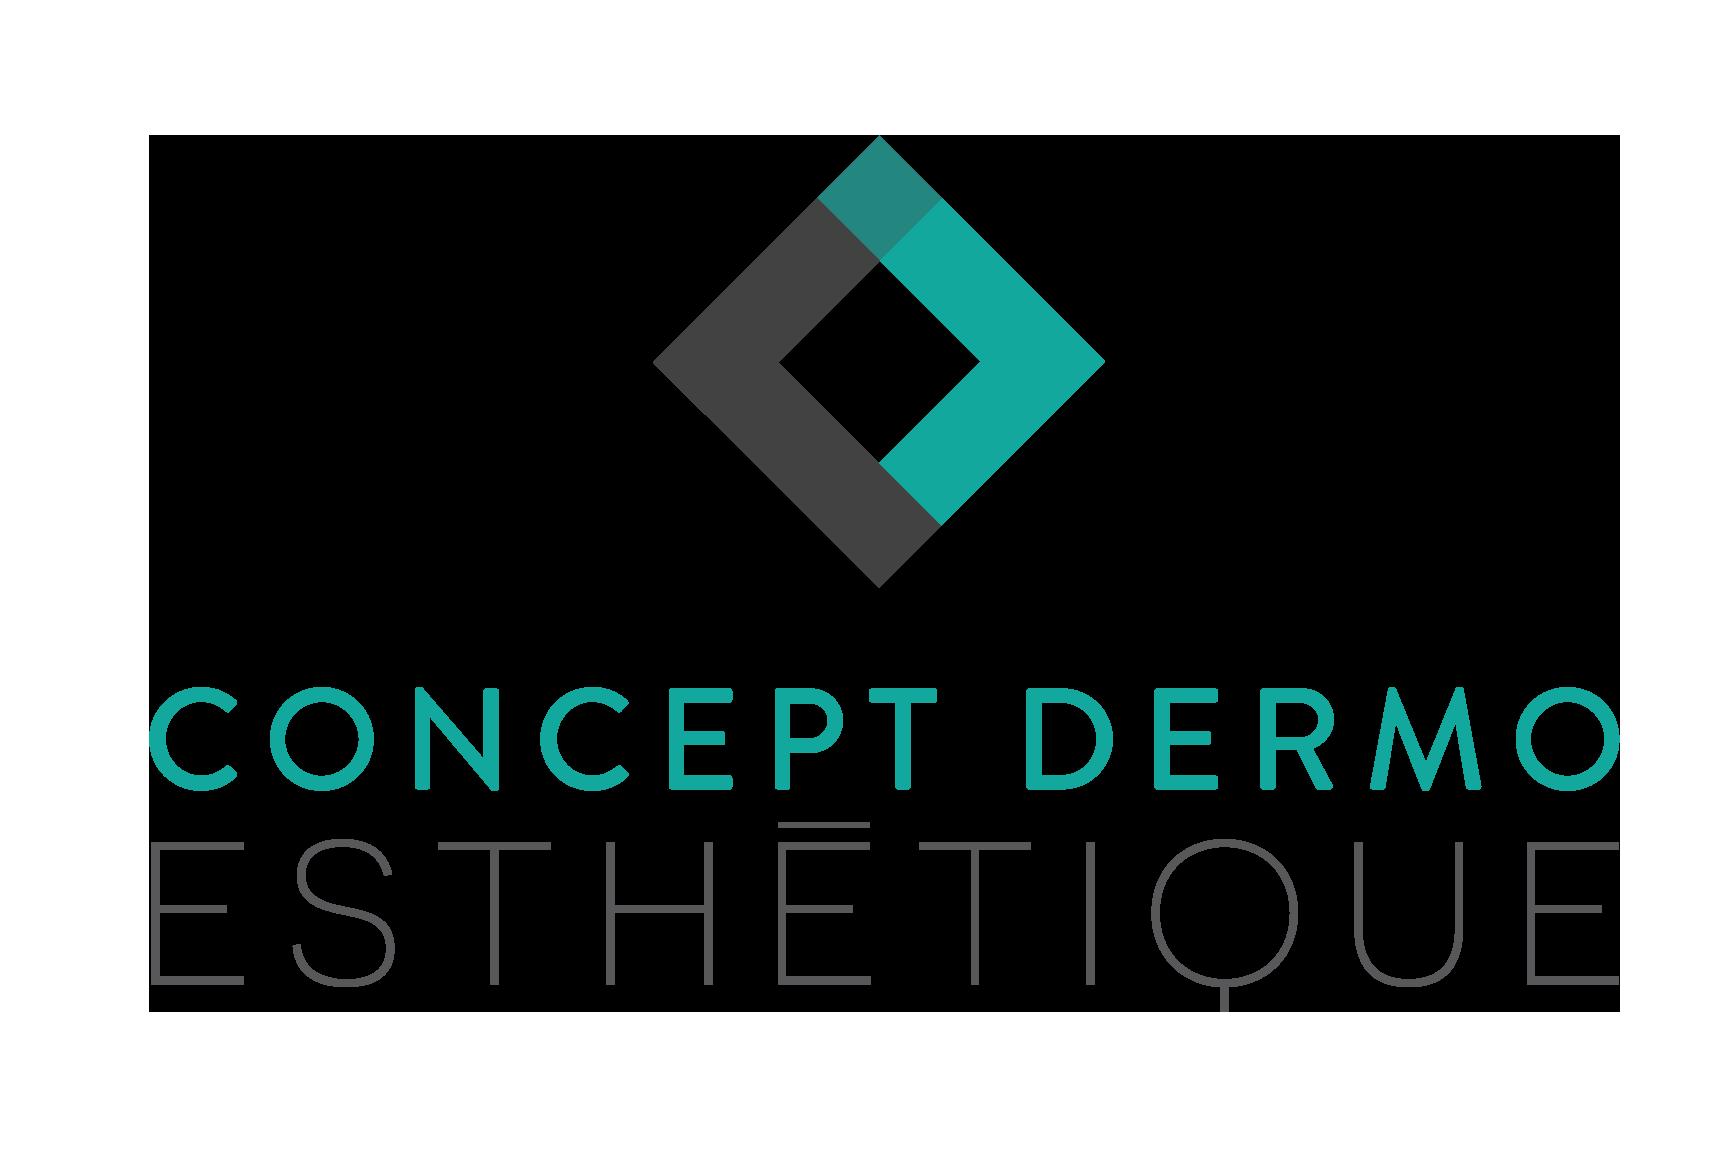 Concept Dermo Esthétique